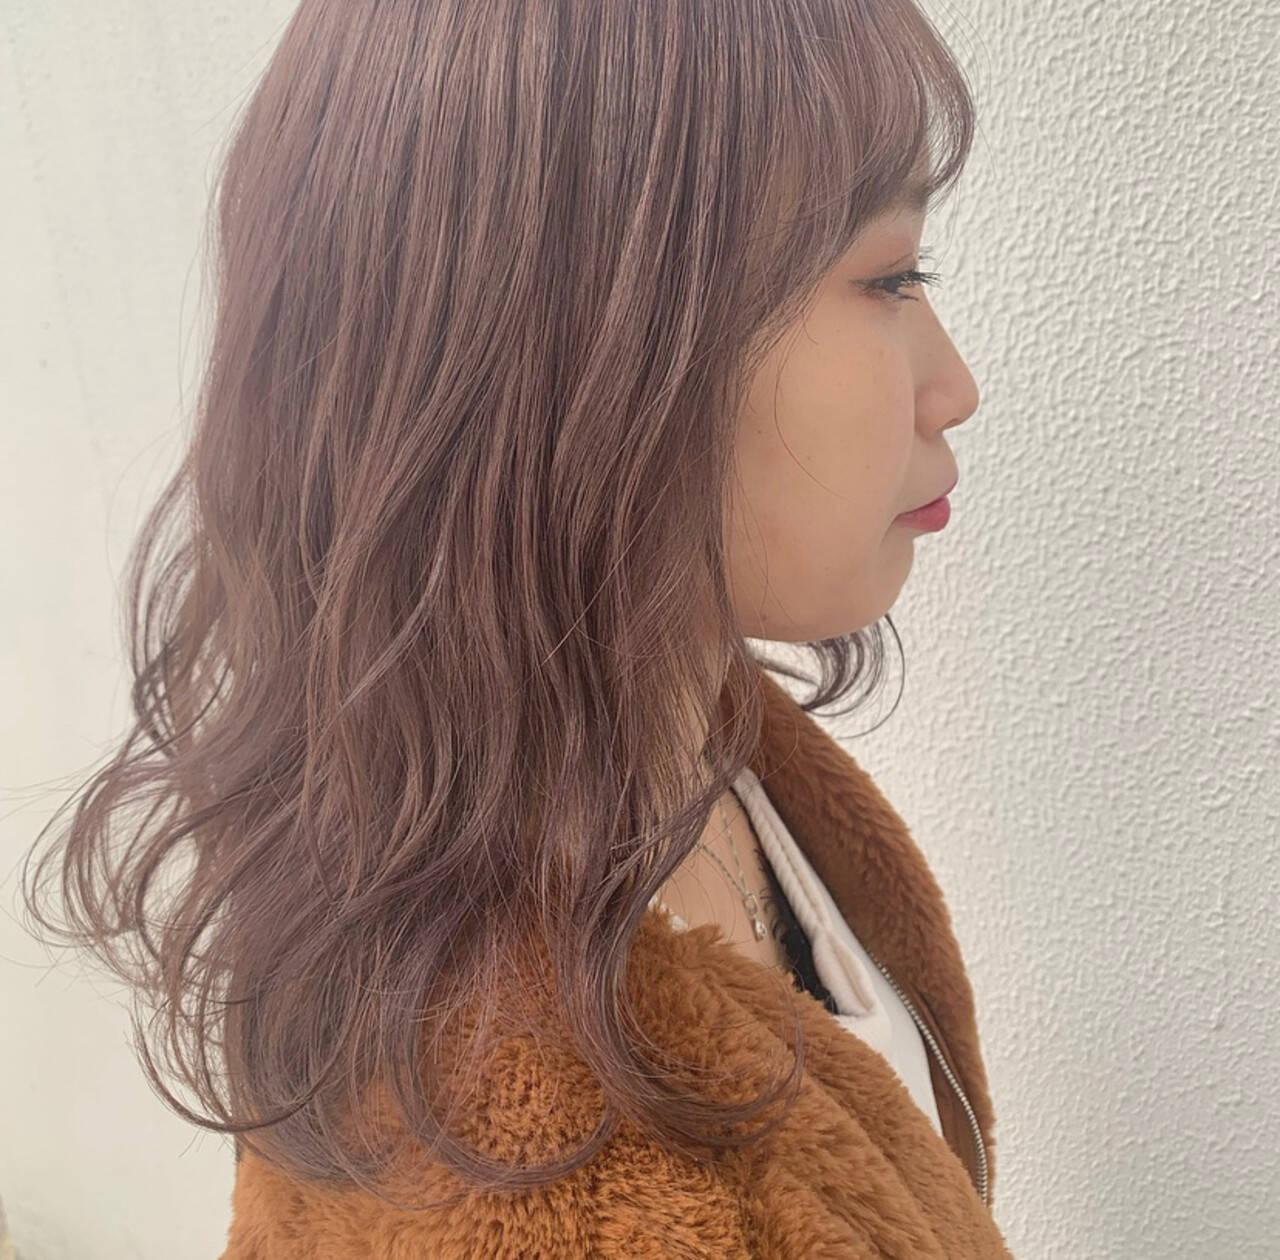 ミディアム ゆるウェーブ ベリーピンク ラベンダーピンクヘアスタイルや髪型の写真・画像